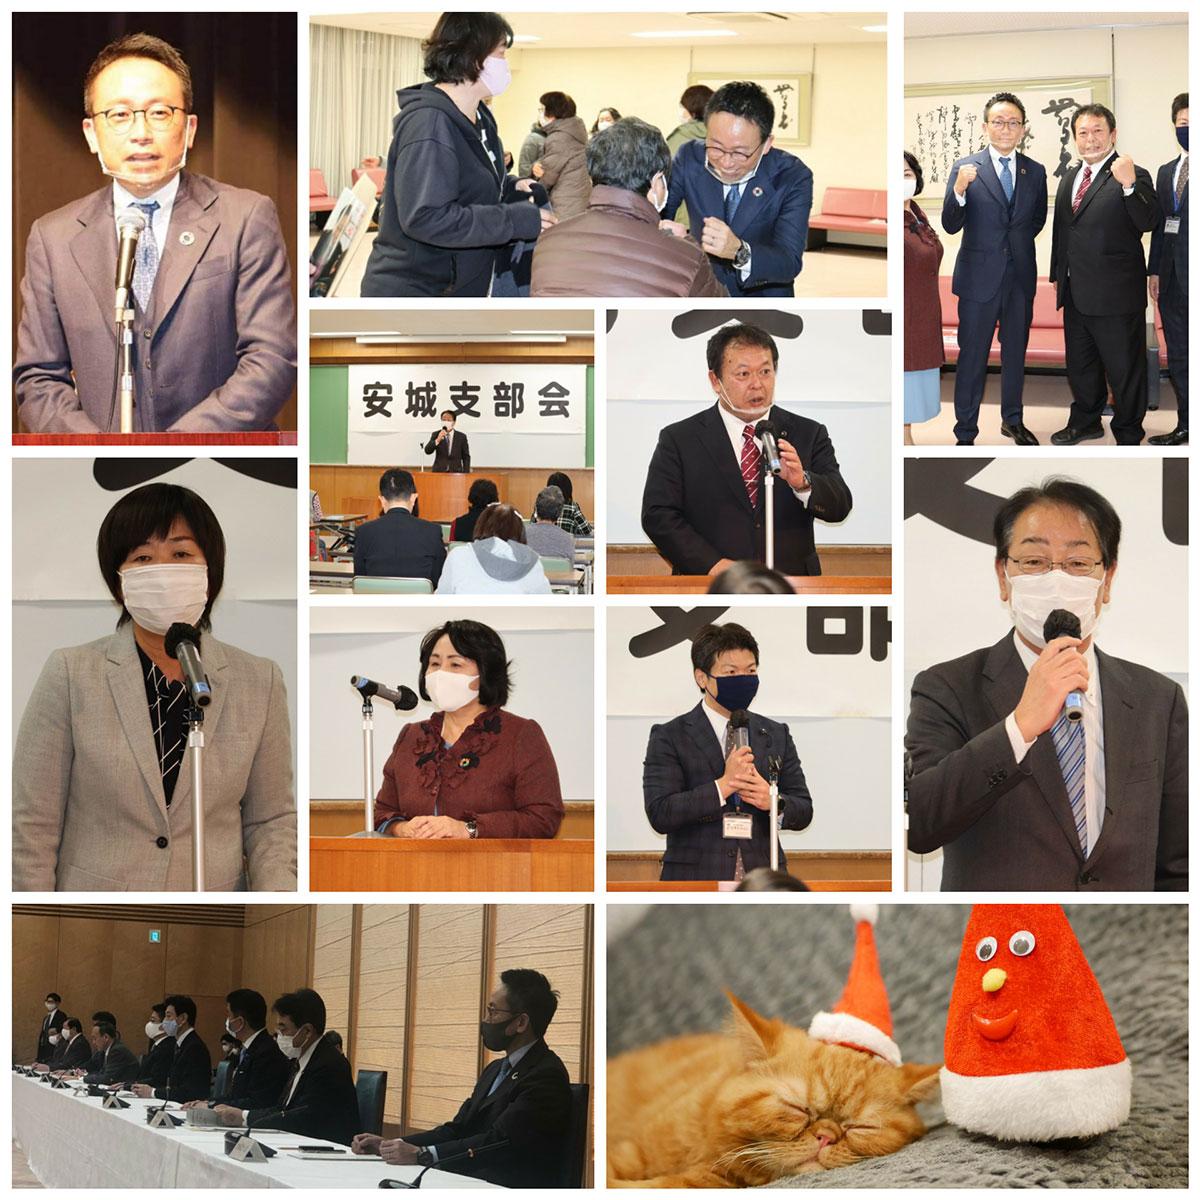 安城市の支部会、自民党民党の石井・今井両県議、コロナ対策会議、我が家の新しい家族写真